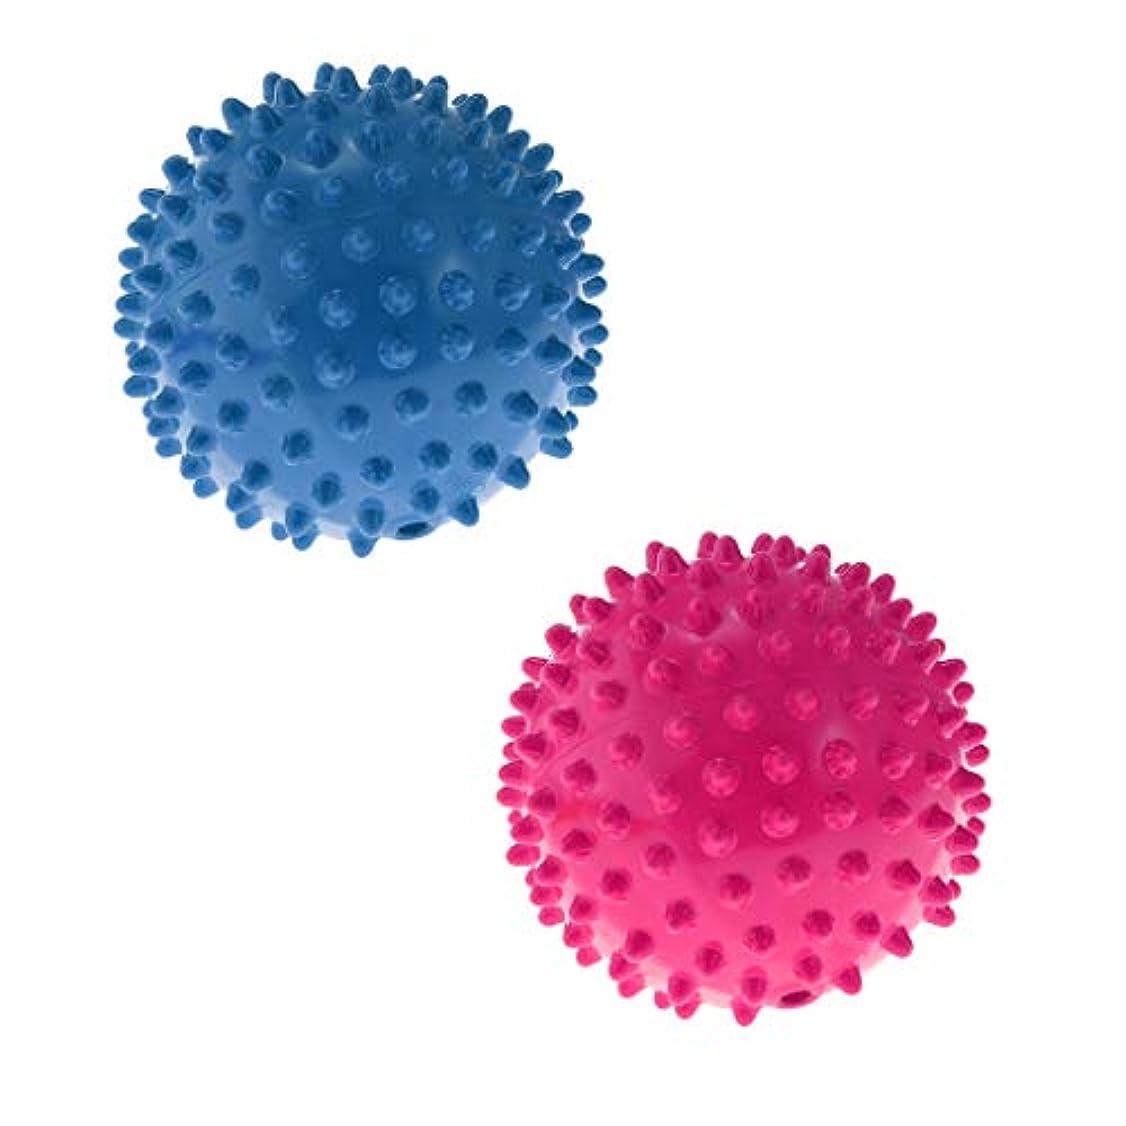 コンテンポラリーお酒今日DYNWAVE 指圧ボール 触覚ボール マッサージローラー ローラーボール 軽量 持ち運び便利 補助ツール 2ピース